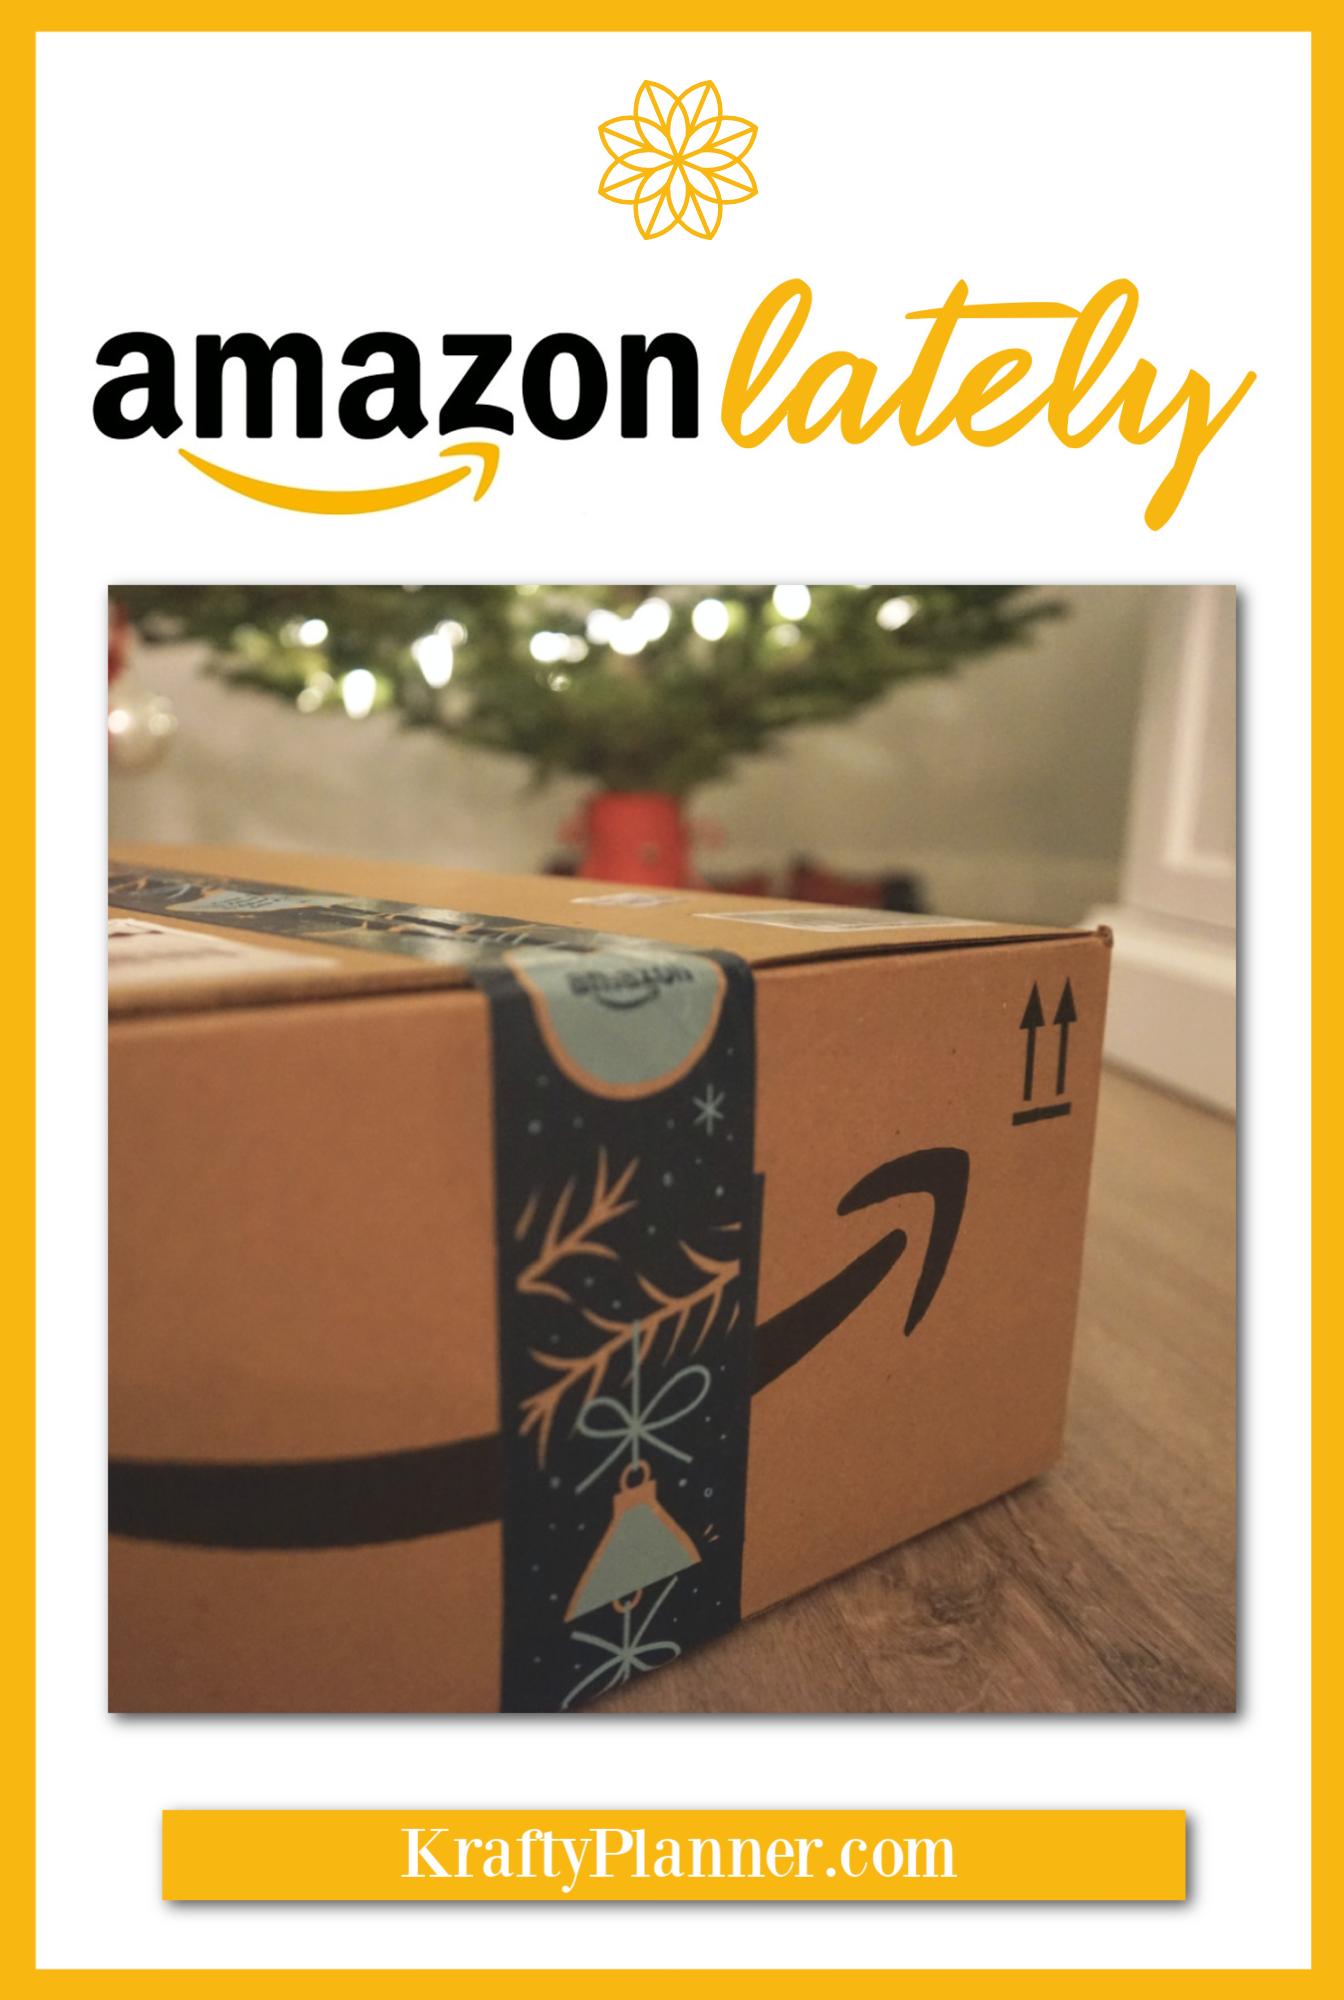 Amazon Lately PIN.png